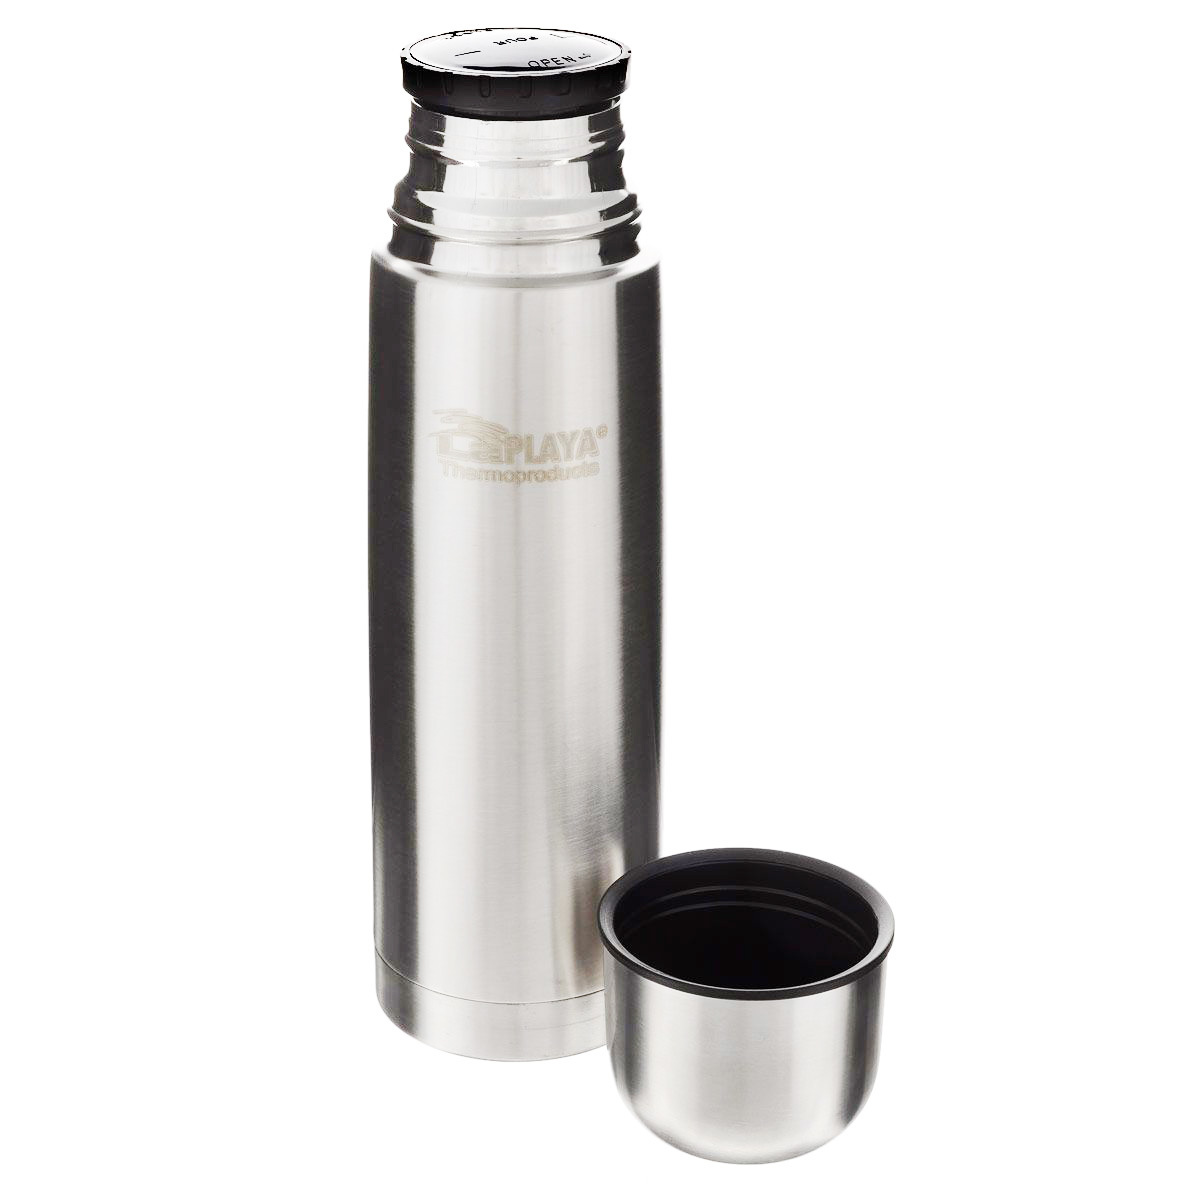 Термос LaPlaya Thermo Bottle Action (1 литр), серебристый